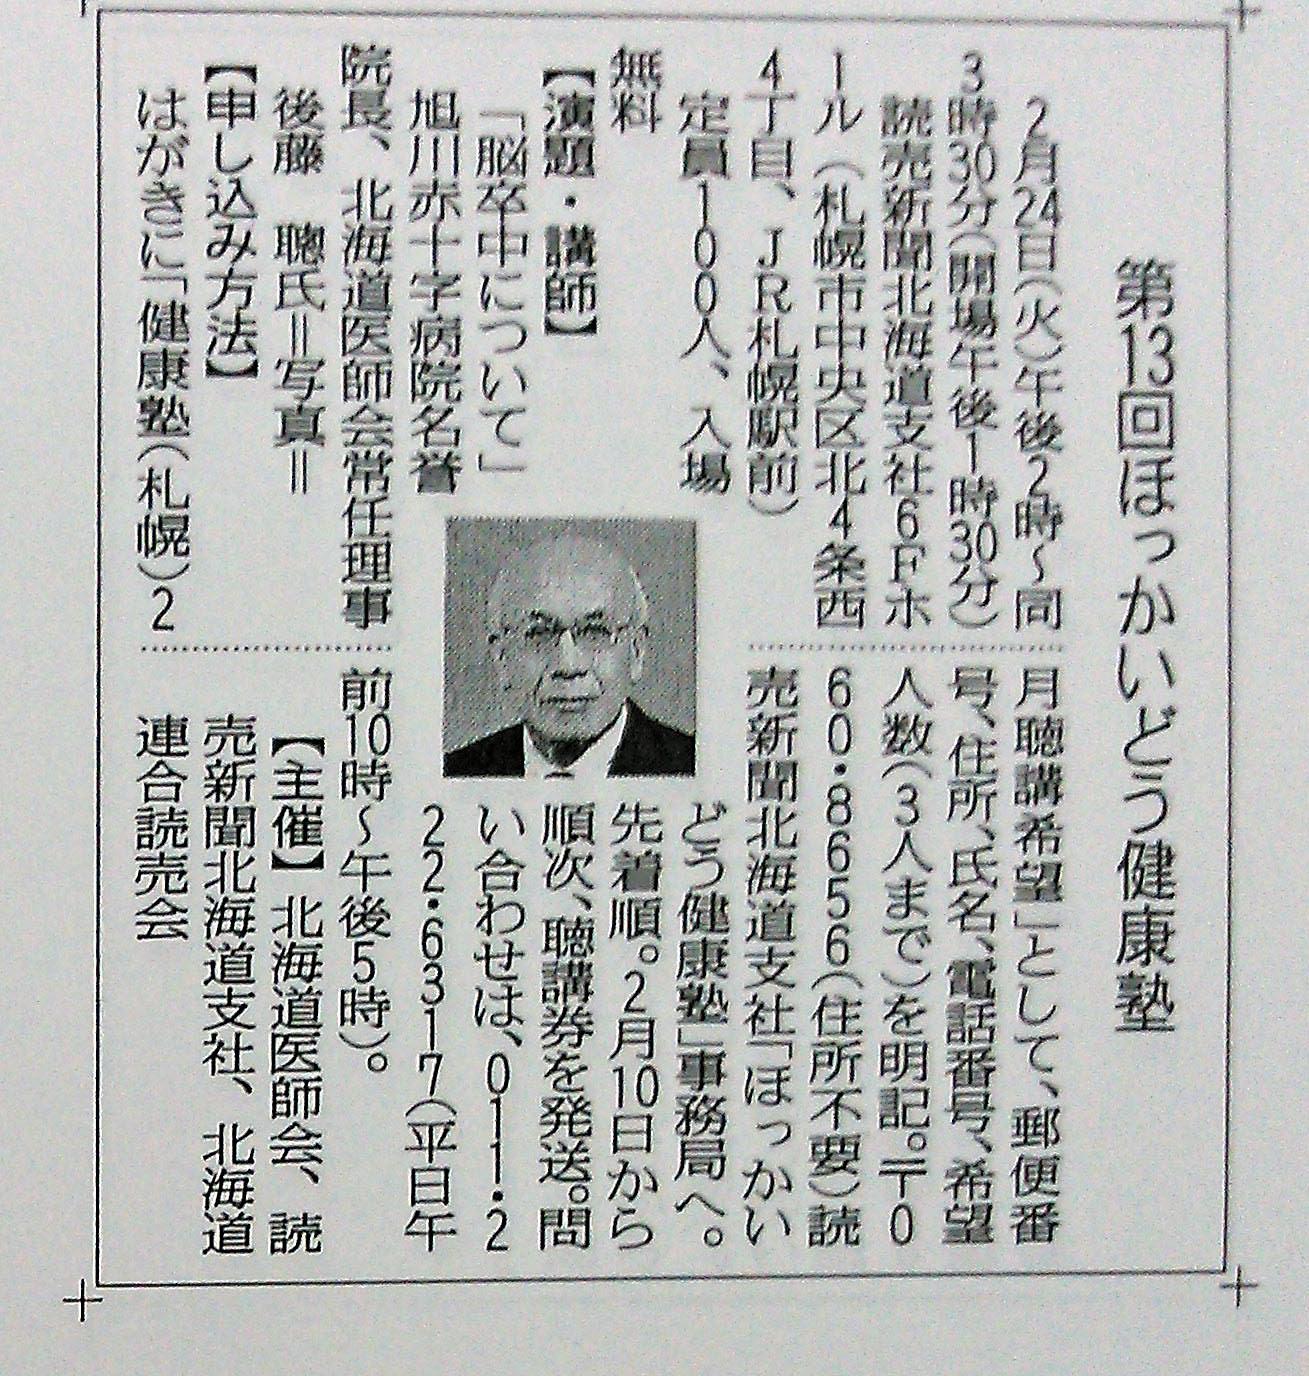 健康塾2015第1回社告_edited-1